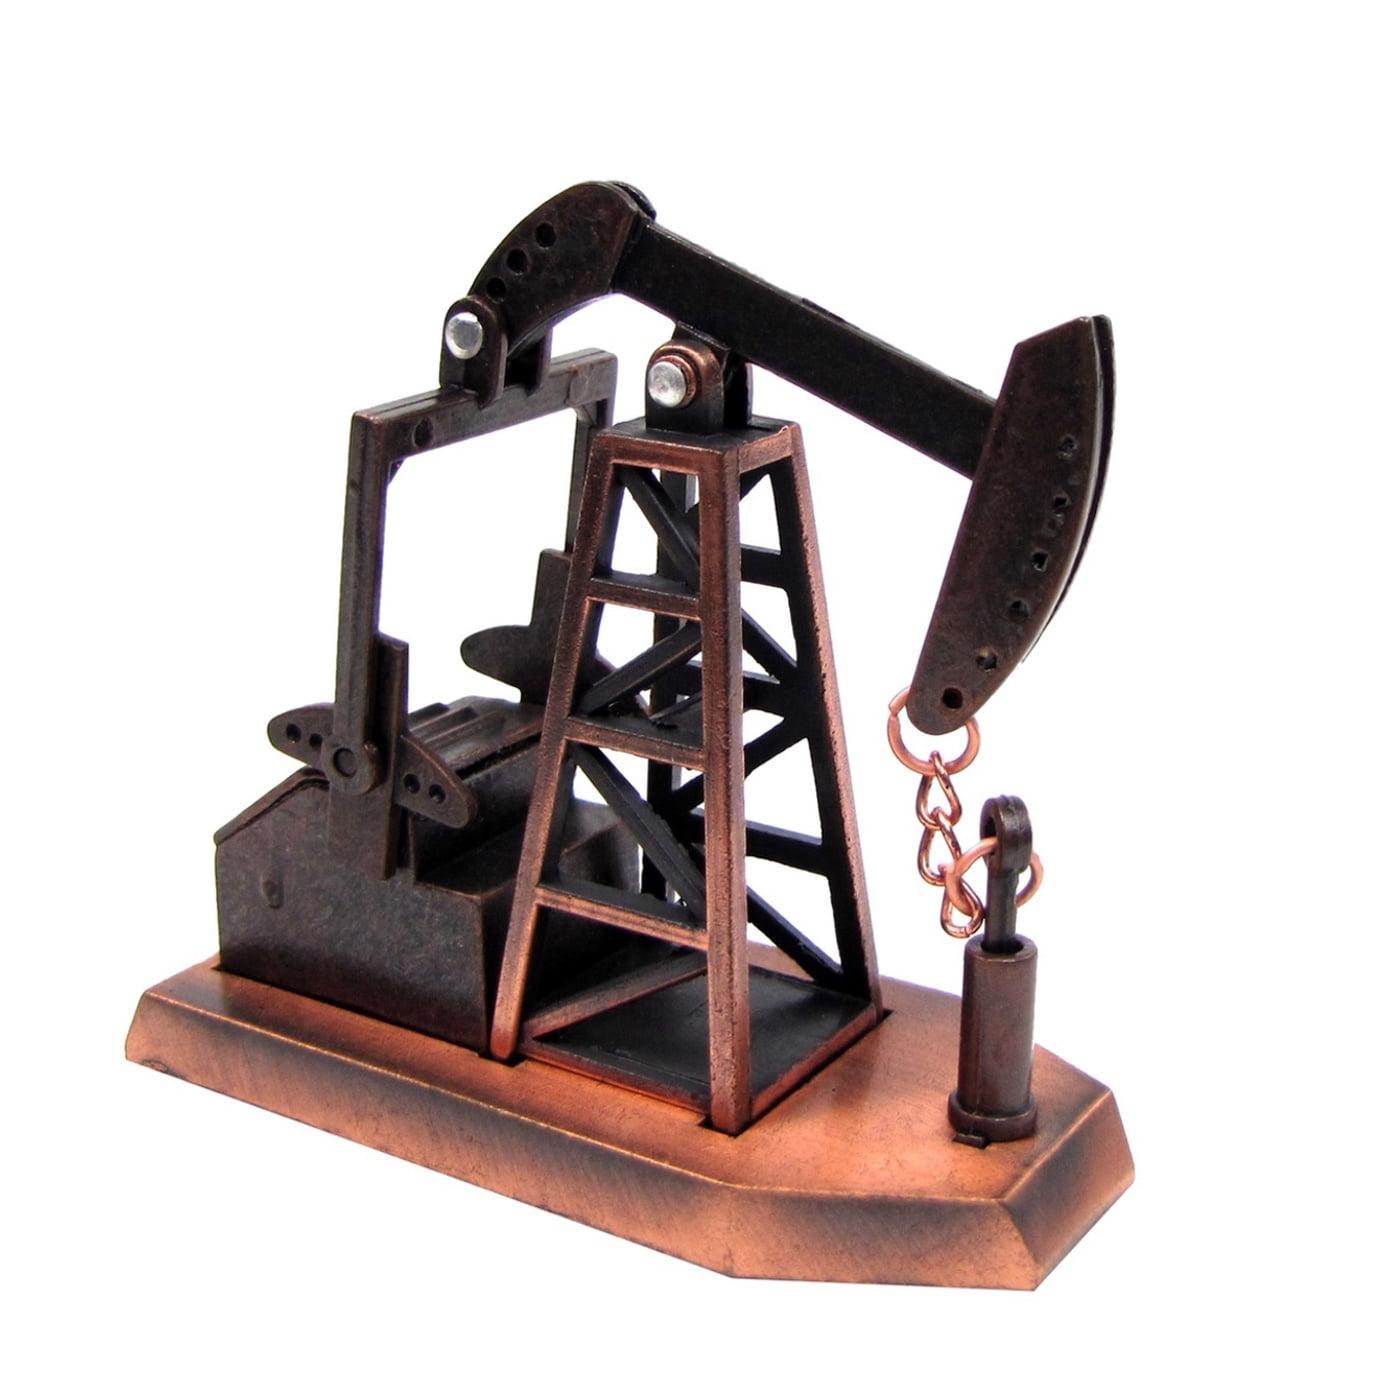 1:48 O Gauge Scale Replica Oilfield Oil Pump Jack Rig Die Cast Pencil Sharpener by